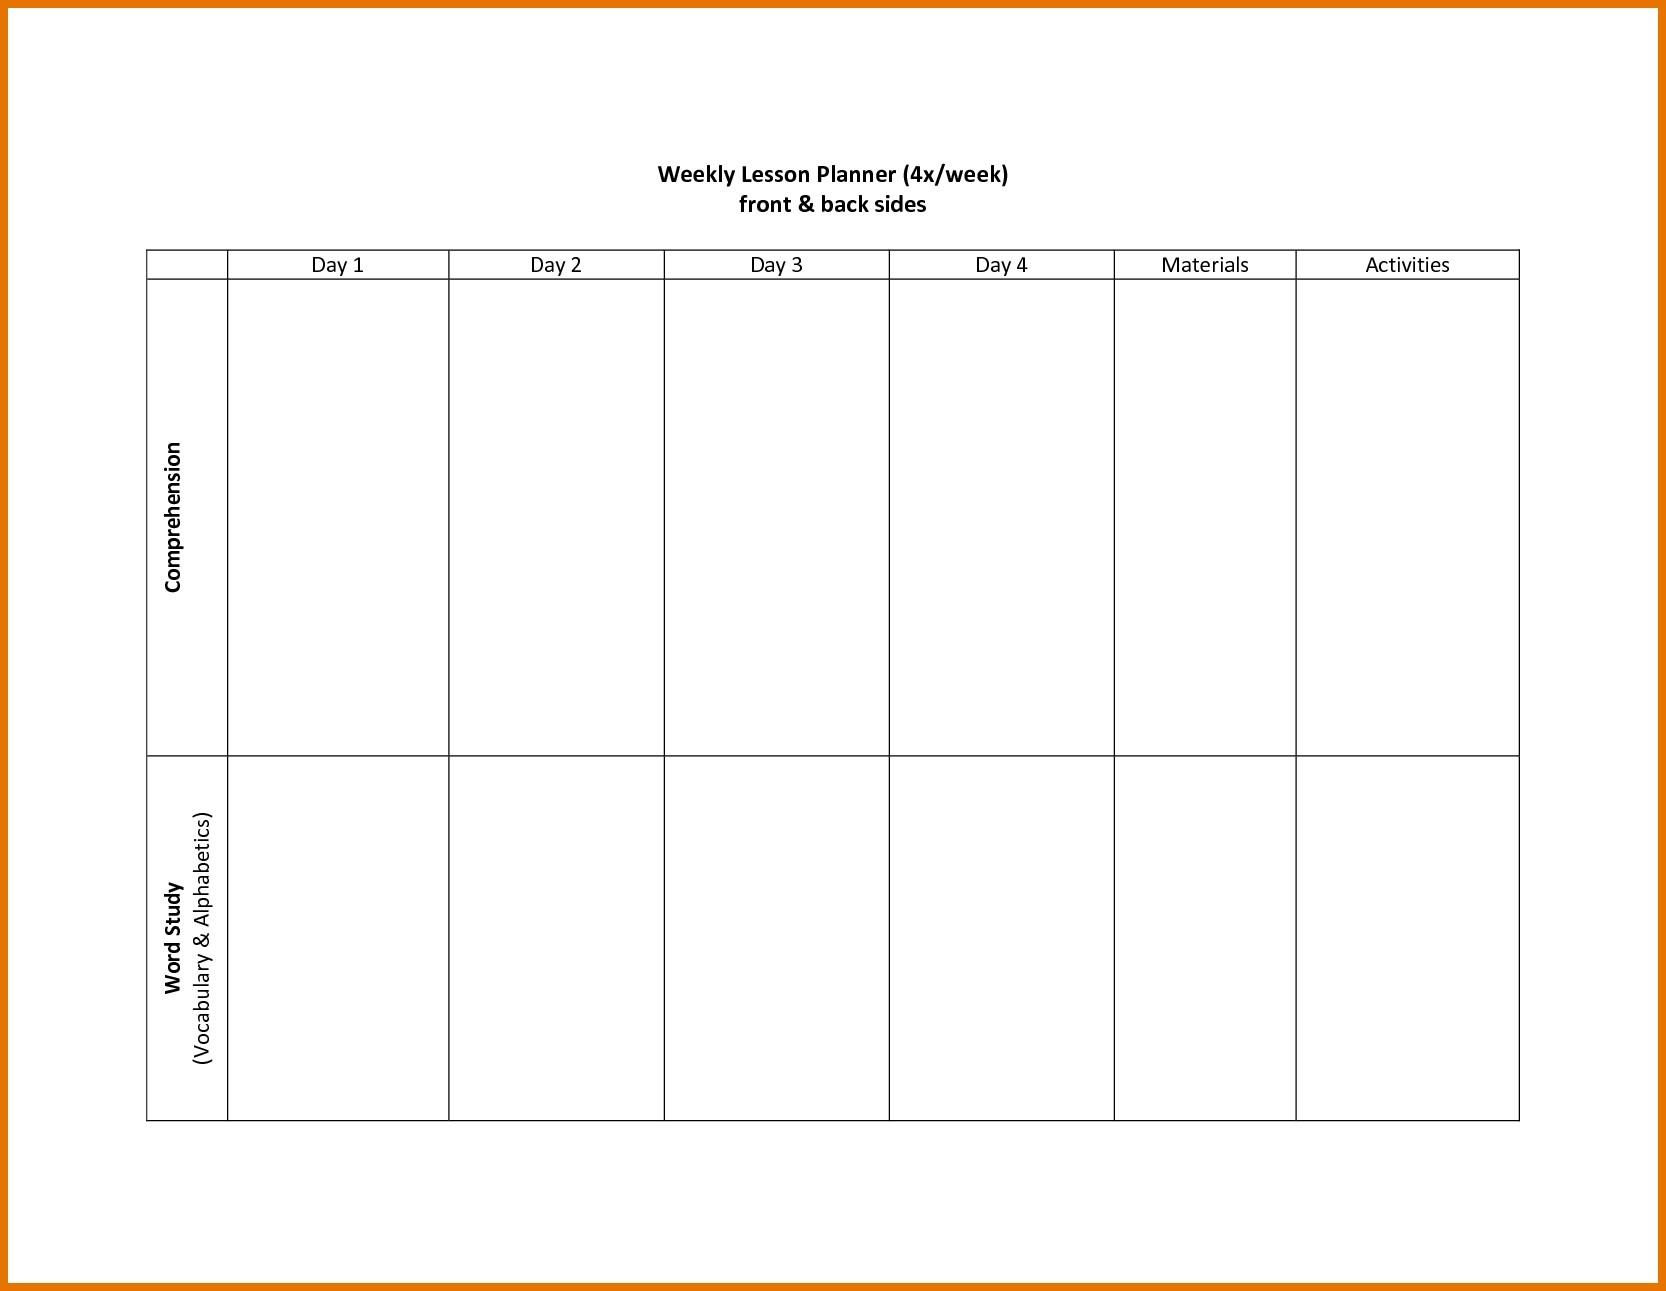 Two Weeks Calendar Template Week Impression So Printable For Two 2 Week Calendar Template